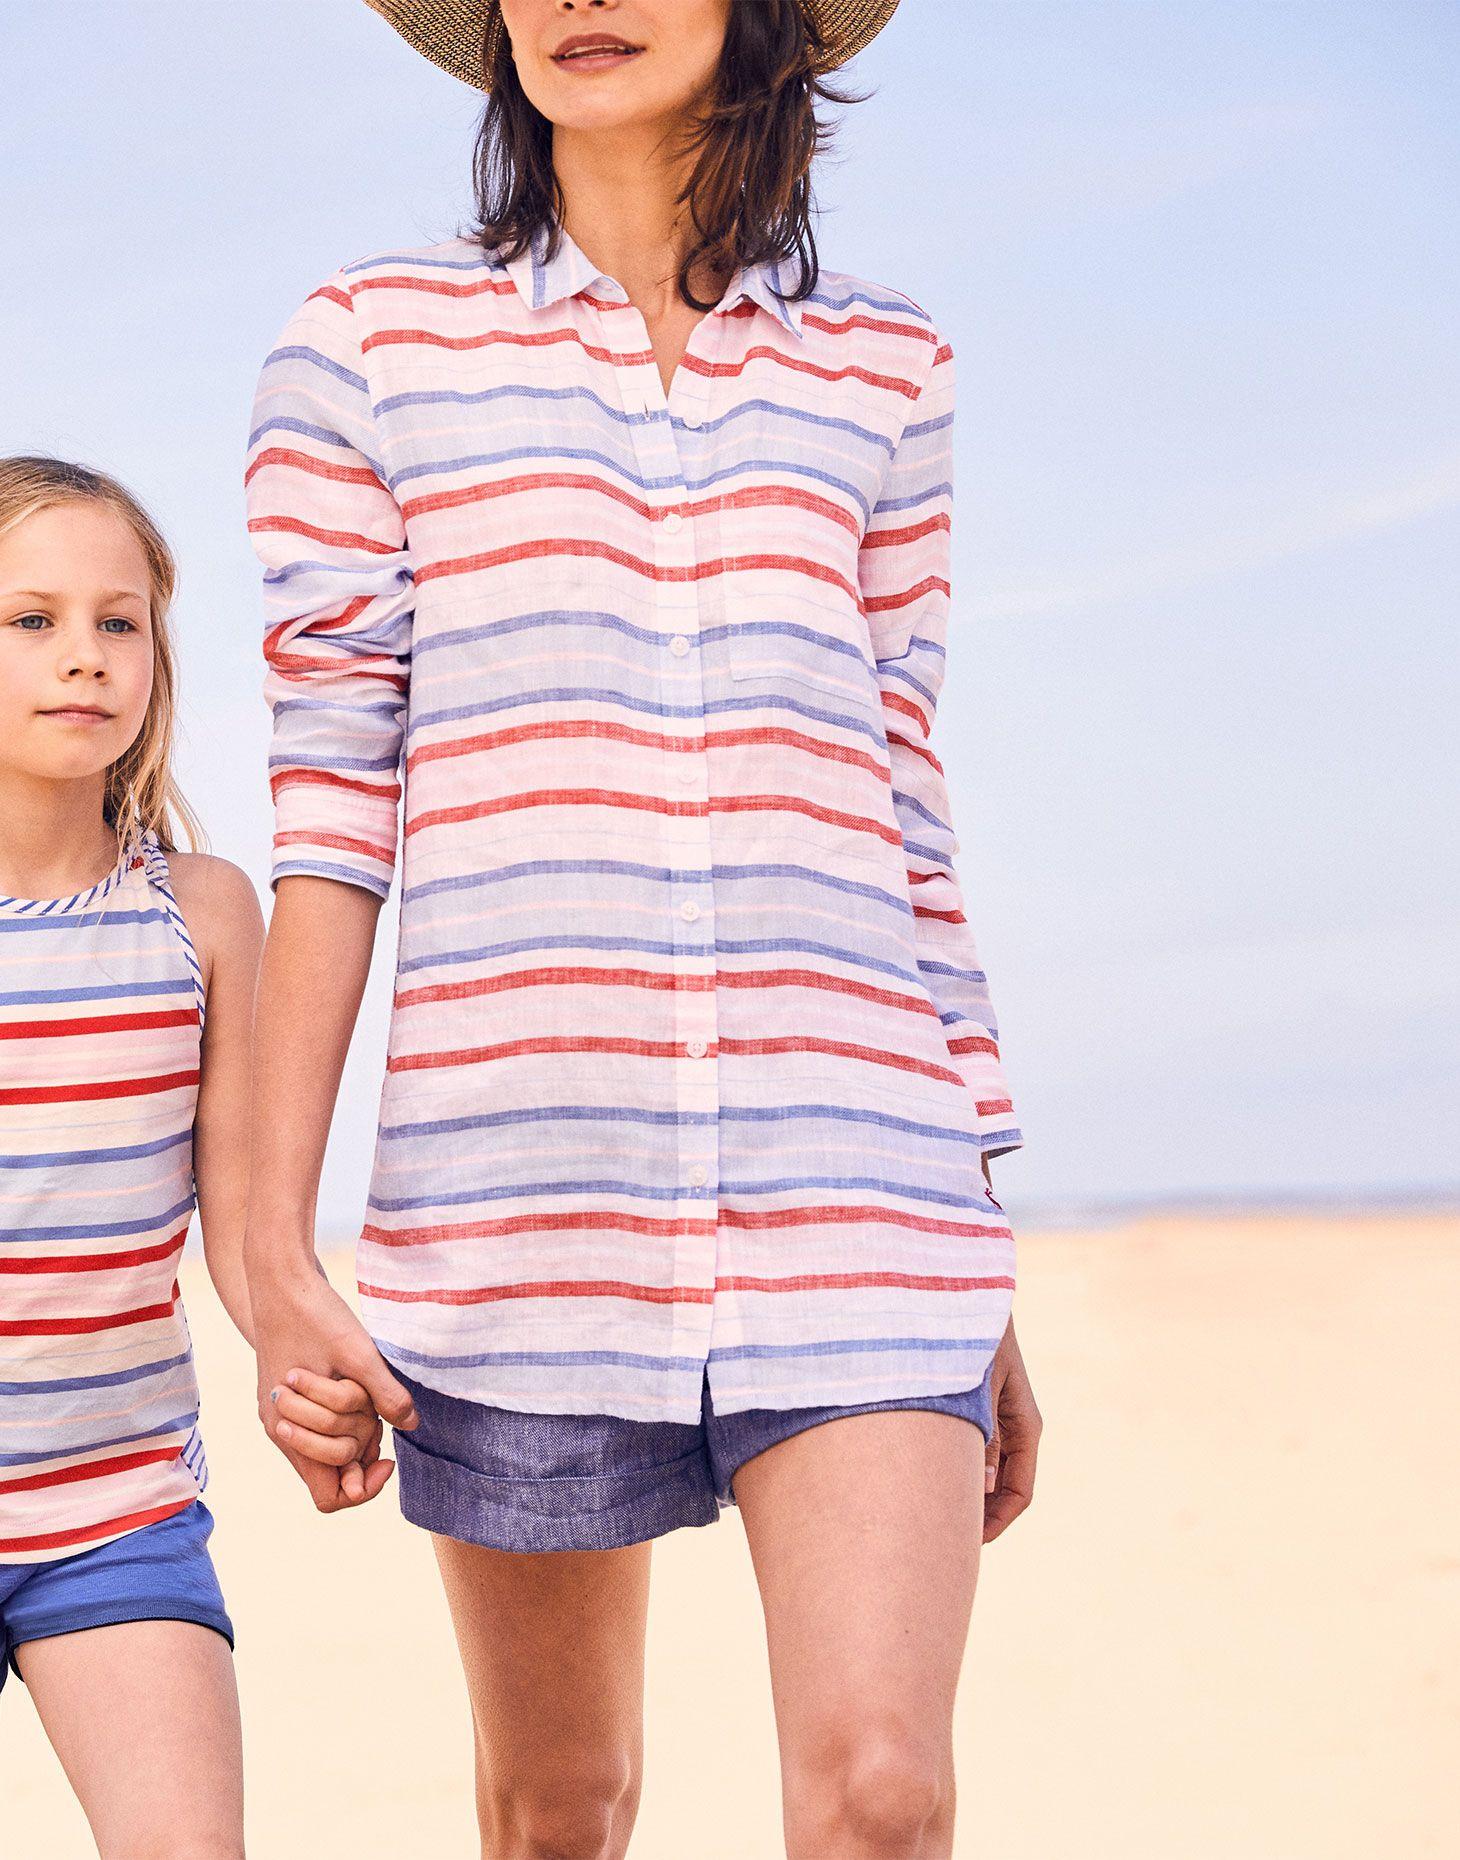 921d325f2 Jeanne print RED MULTI STRIPE Longline Linen Shirt | Joules UK